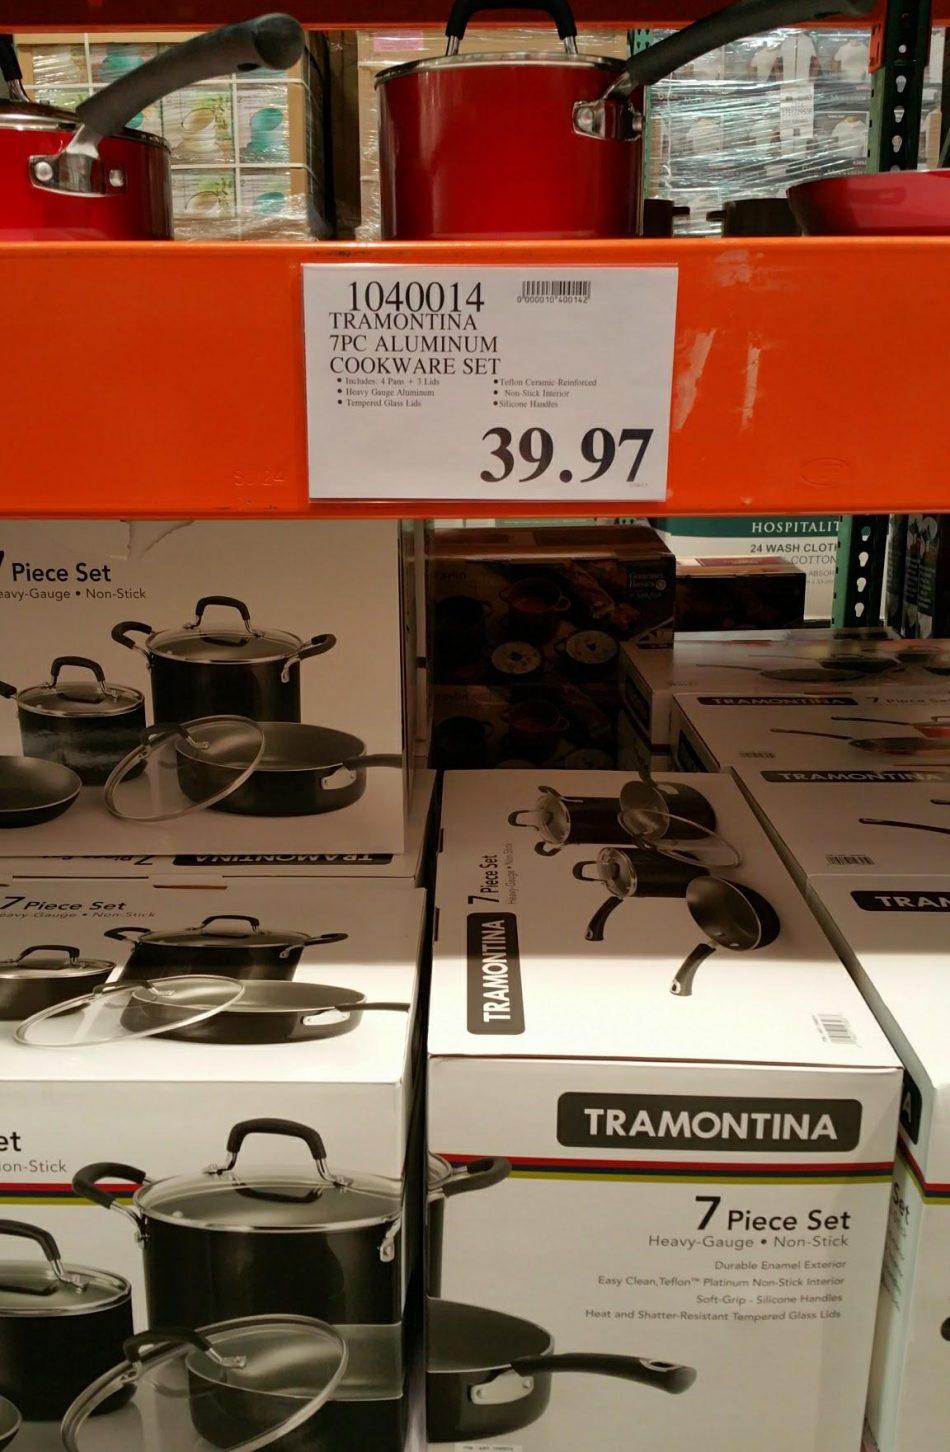 Tramontina Cookware Set - 1040014